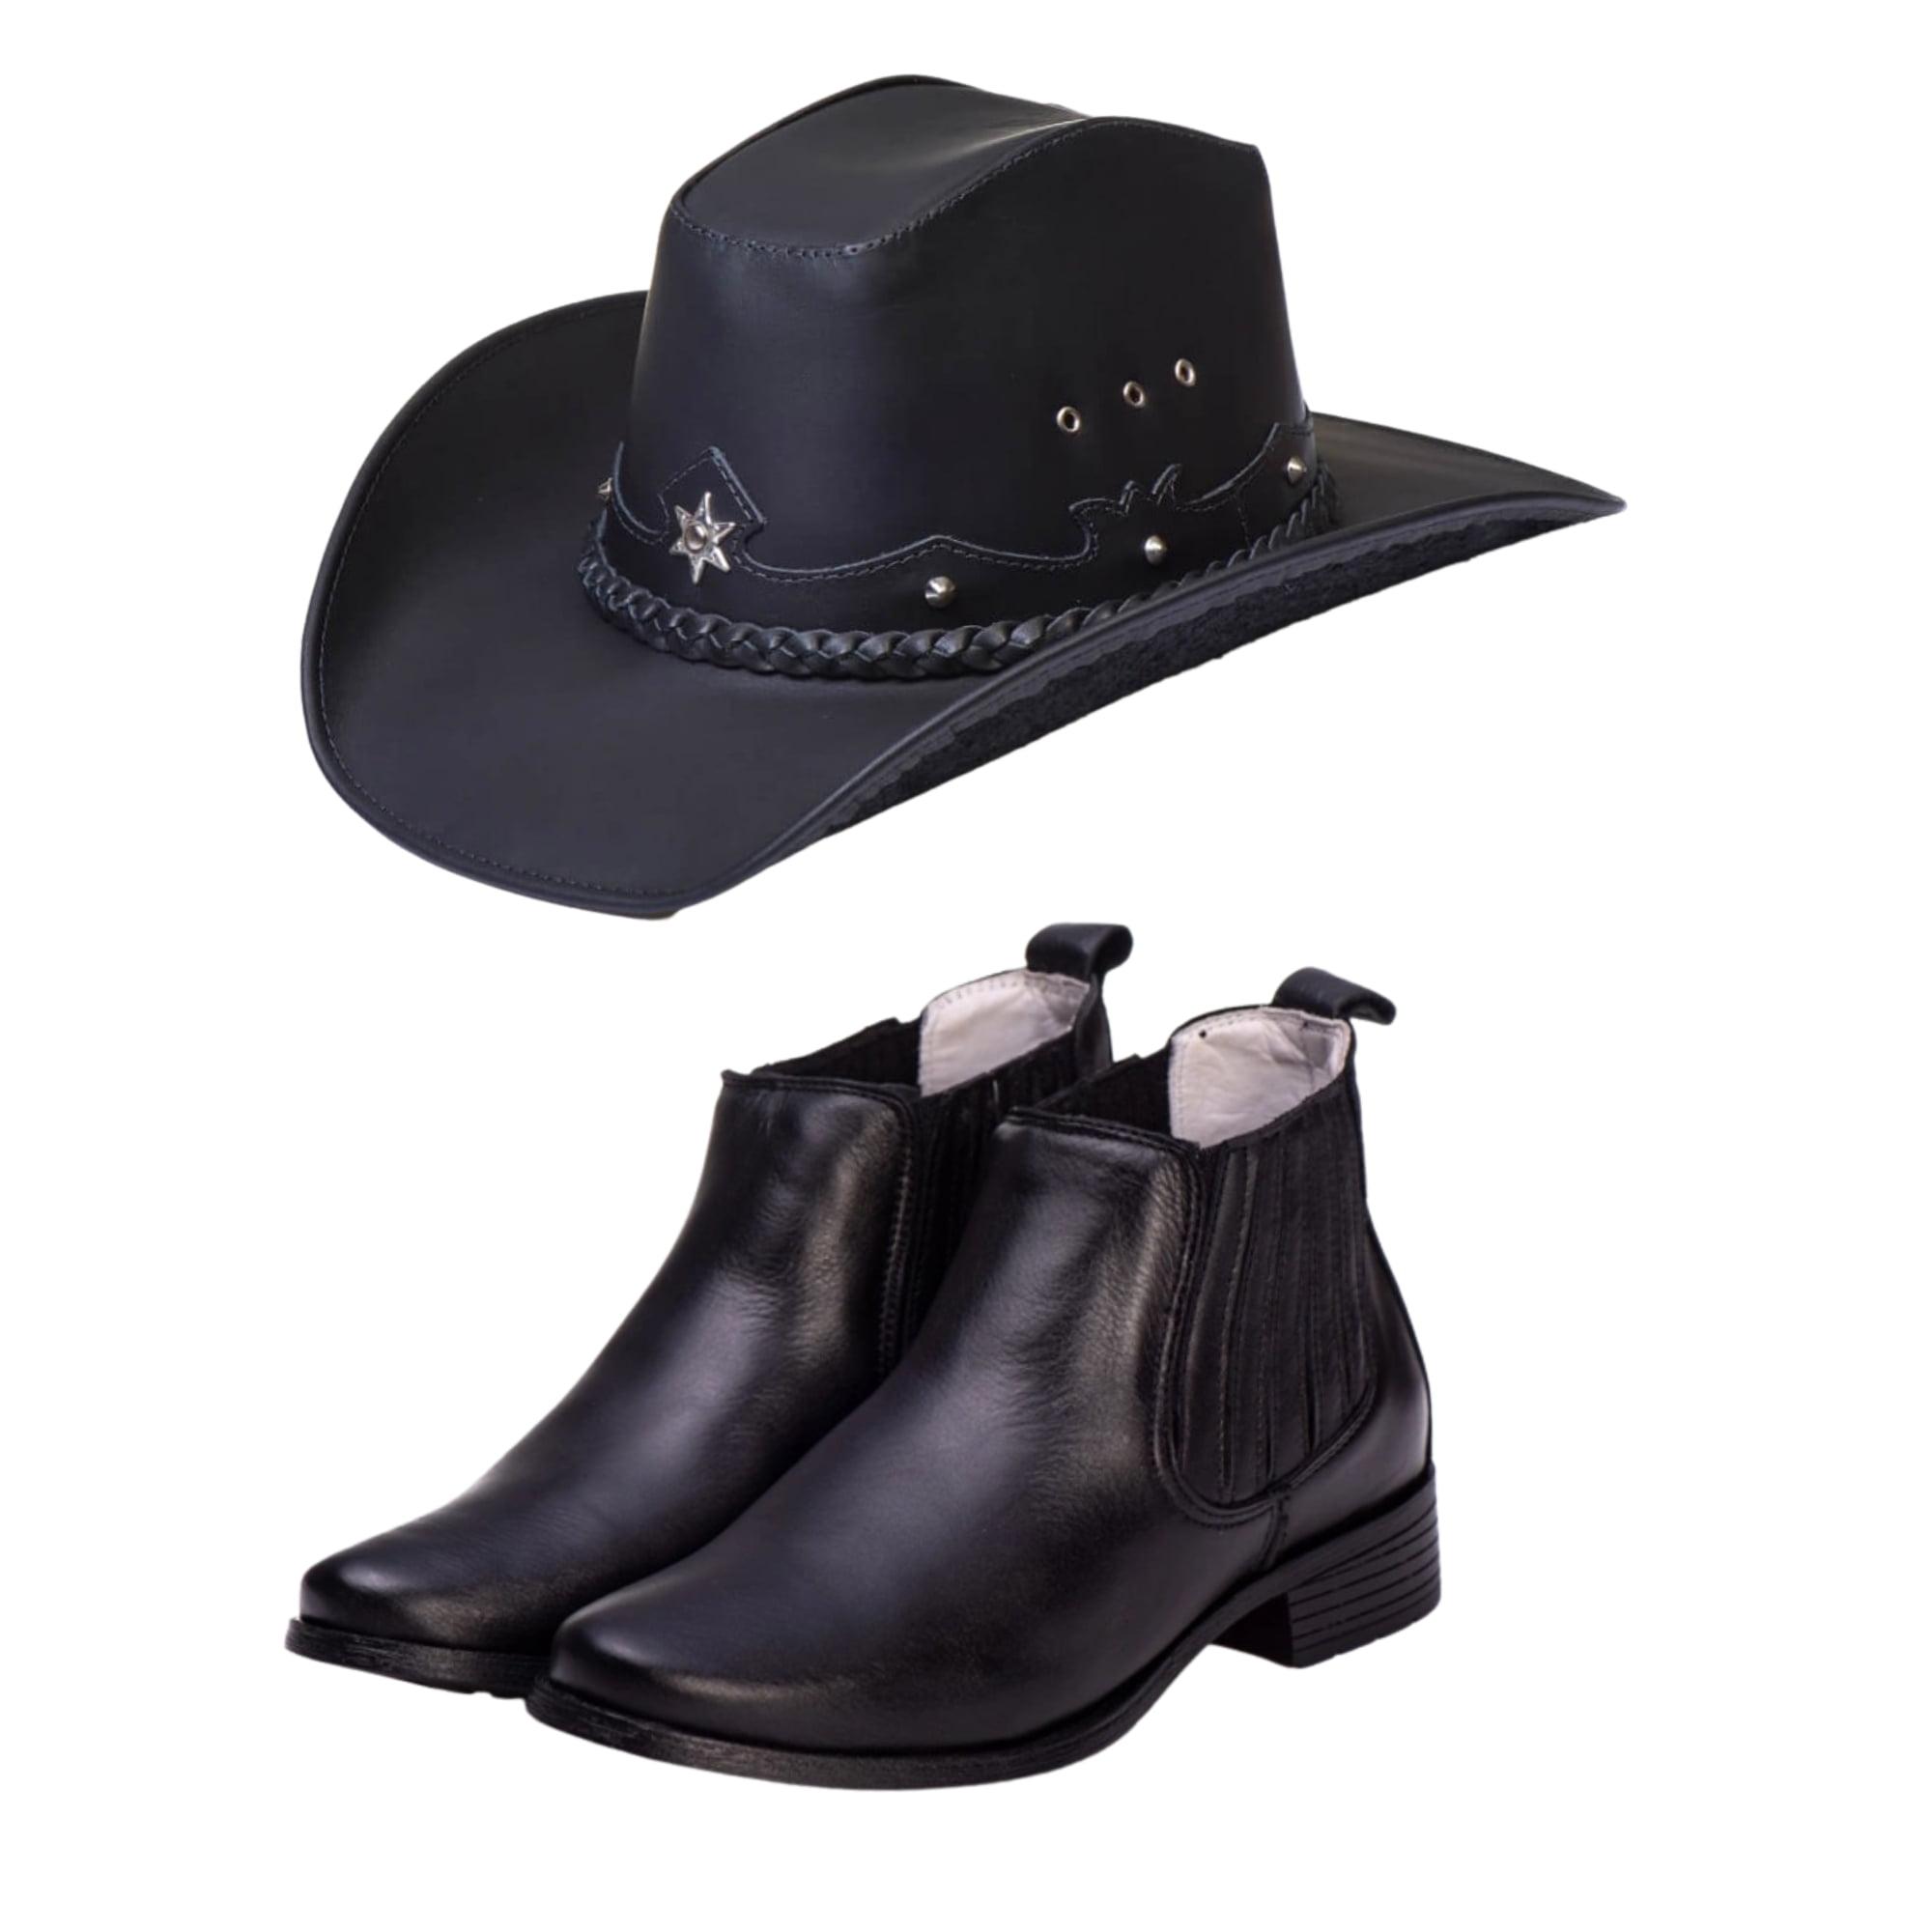 Kit Country clássico Botina + chapéu